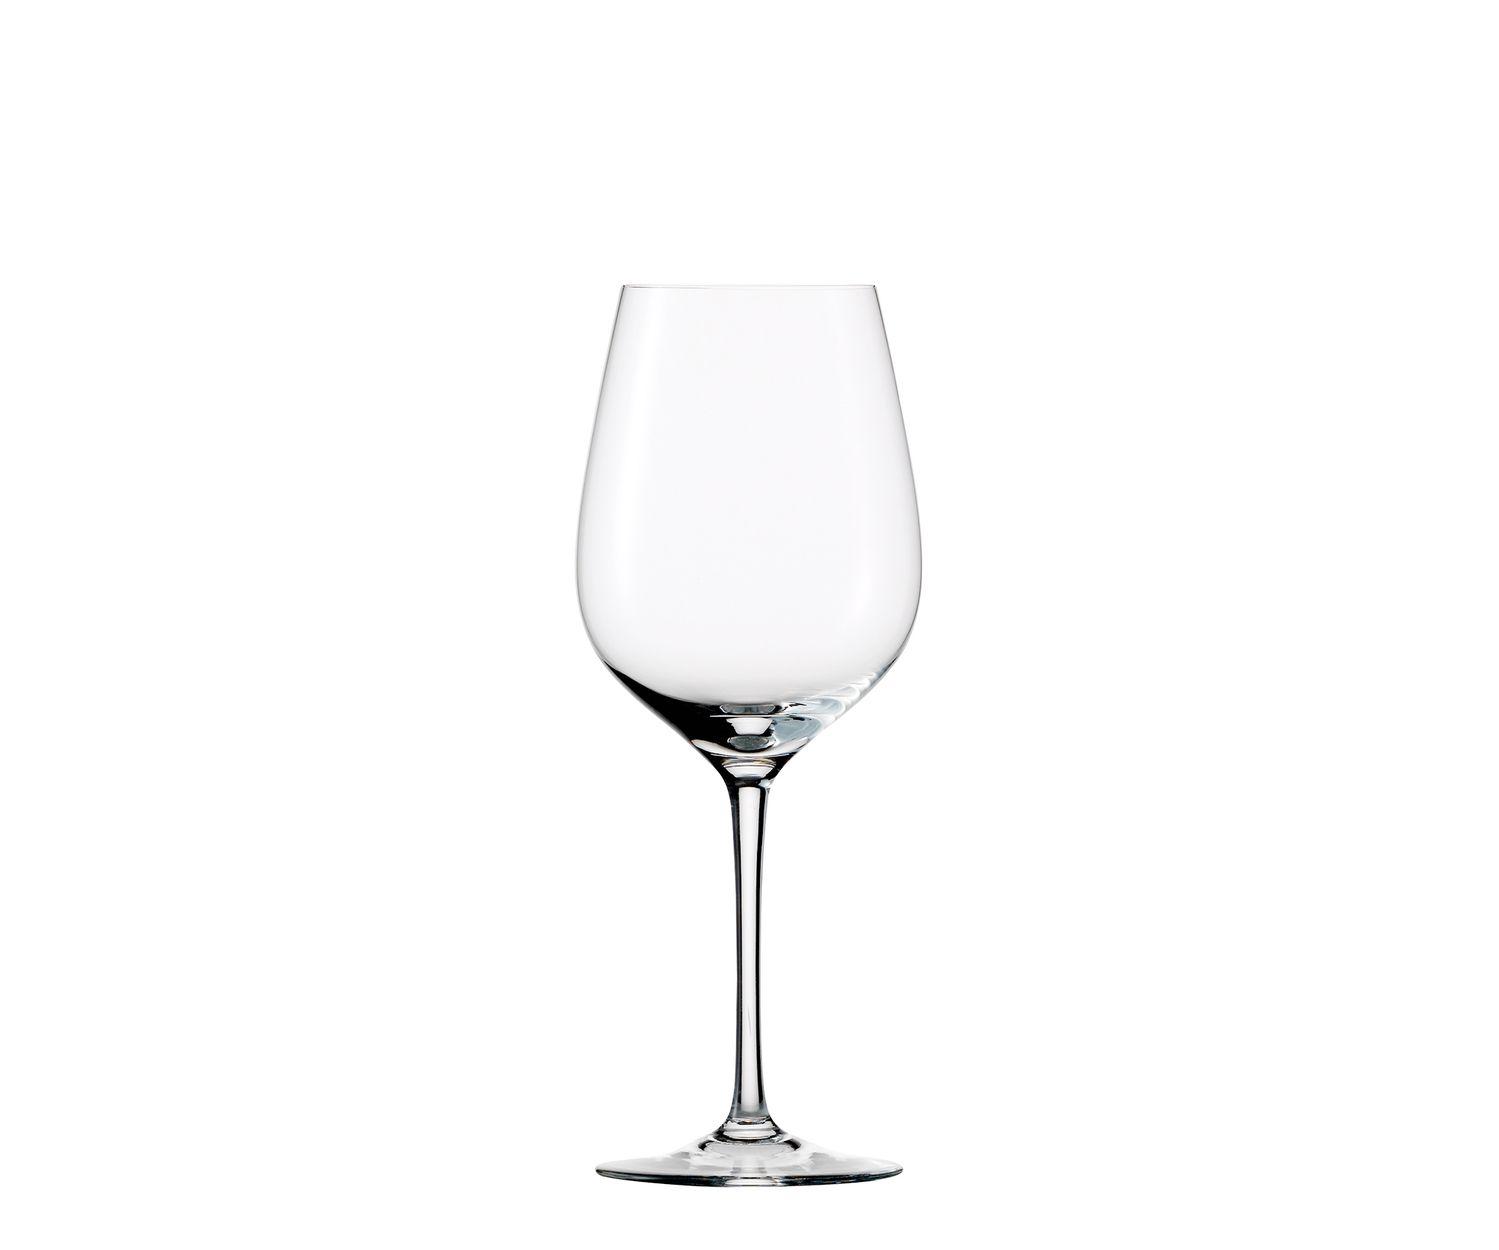 Eisch Rotwein Glas Superior Sensis Plus, 4 Stk – Bild 1